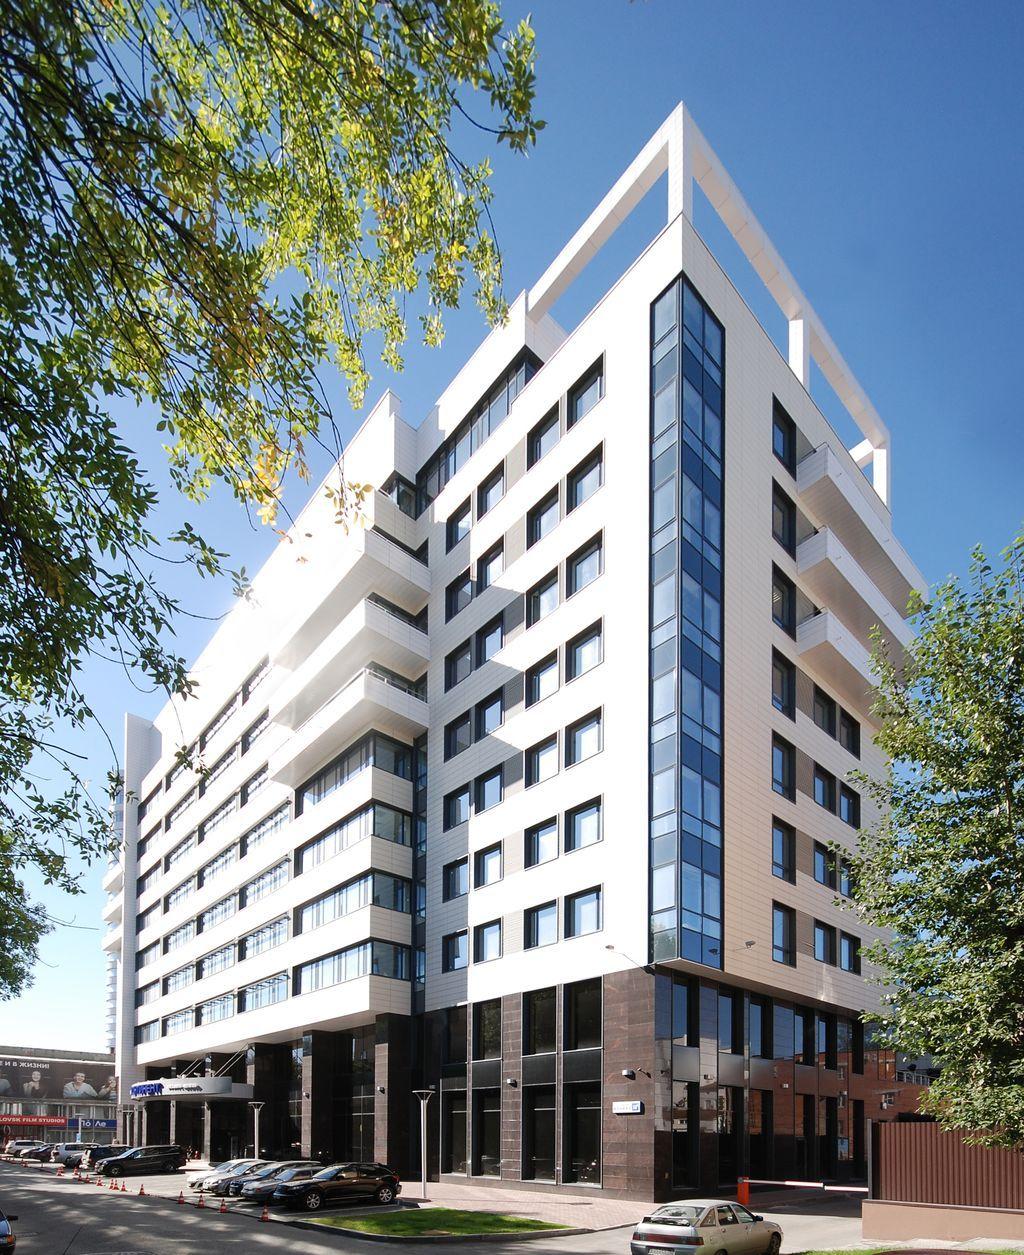 Континент аренда офиса анализ коммерческой недвижимости в красноярске 2015